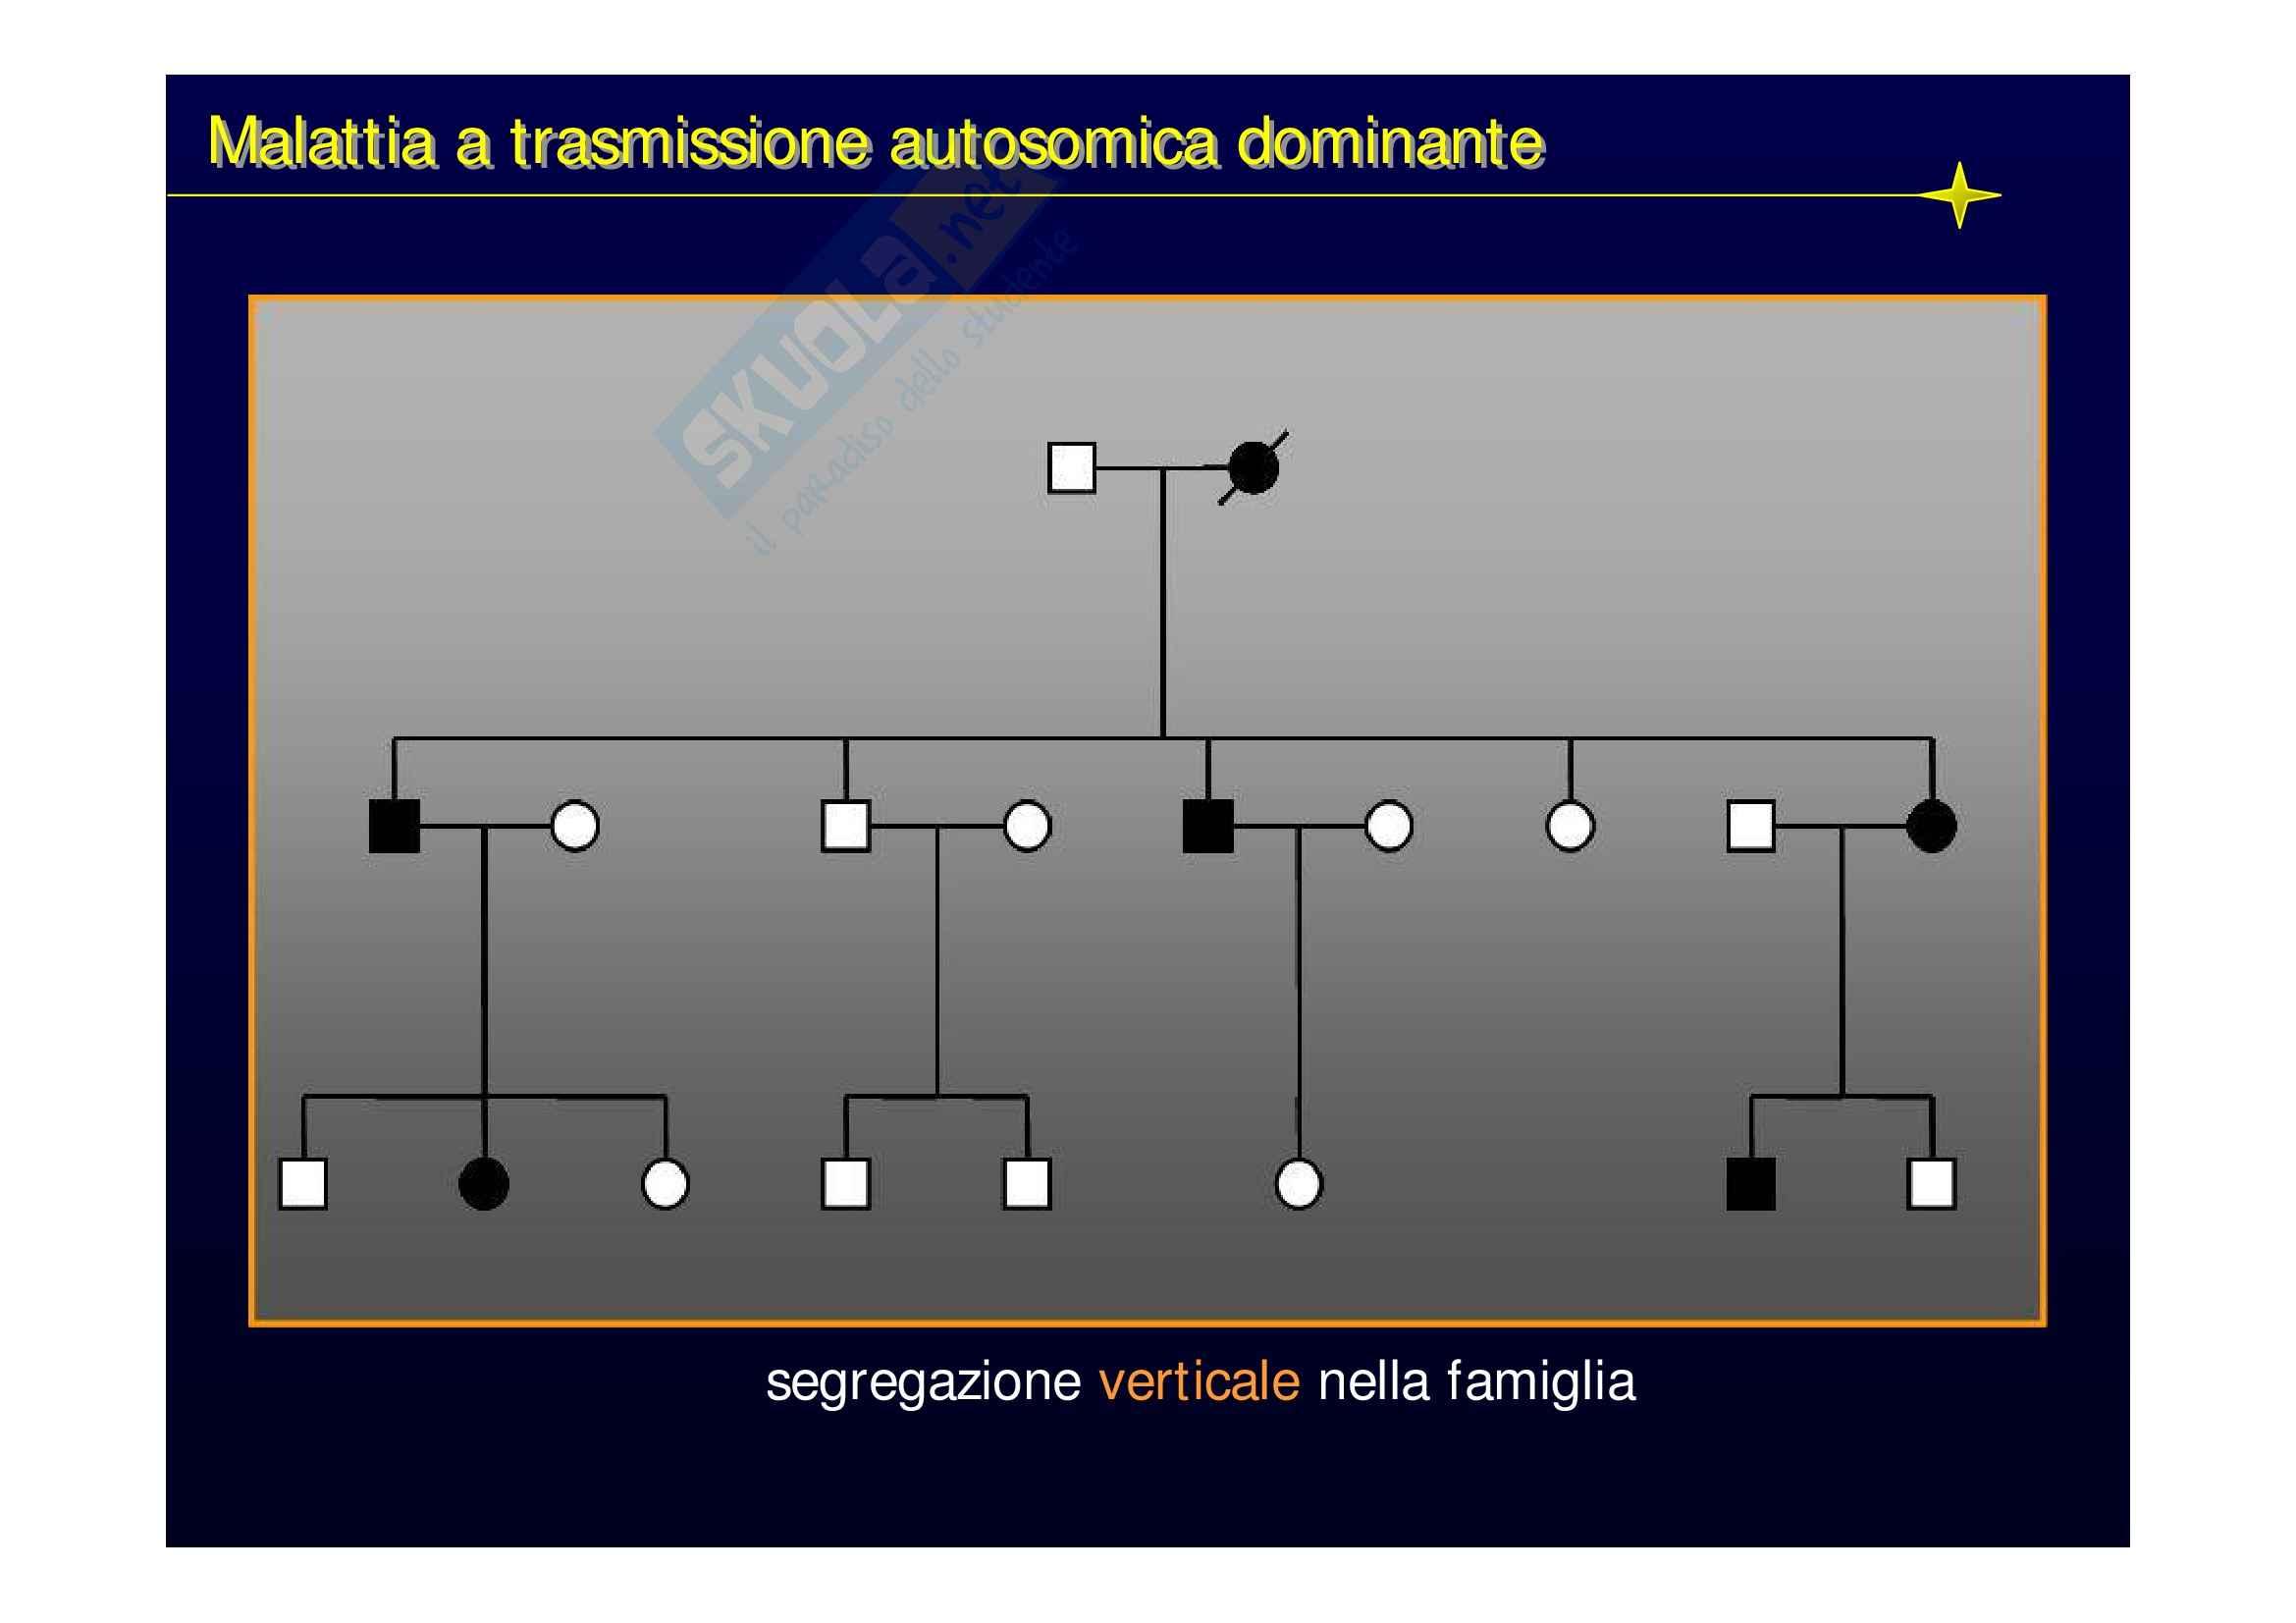 Genetica medica - lezioni Pag. 31